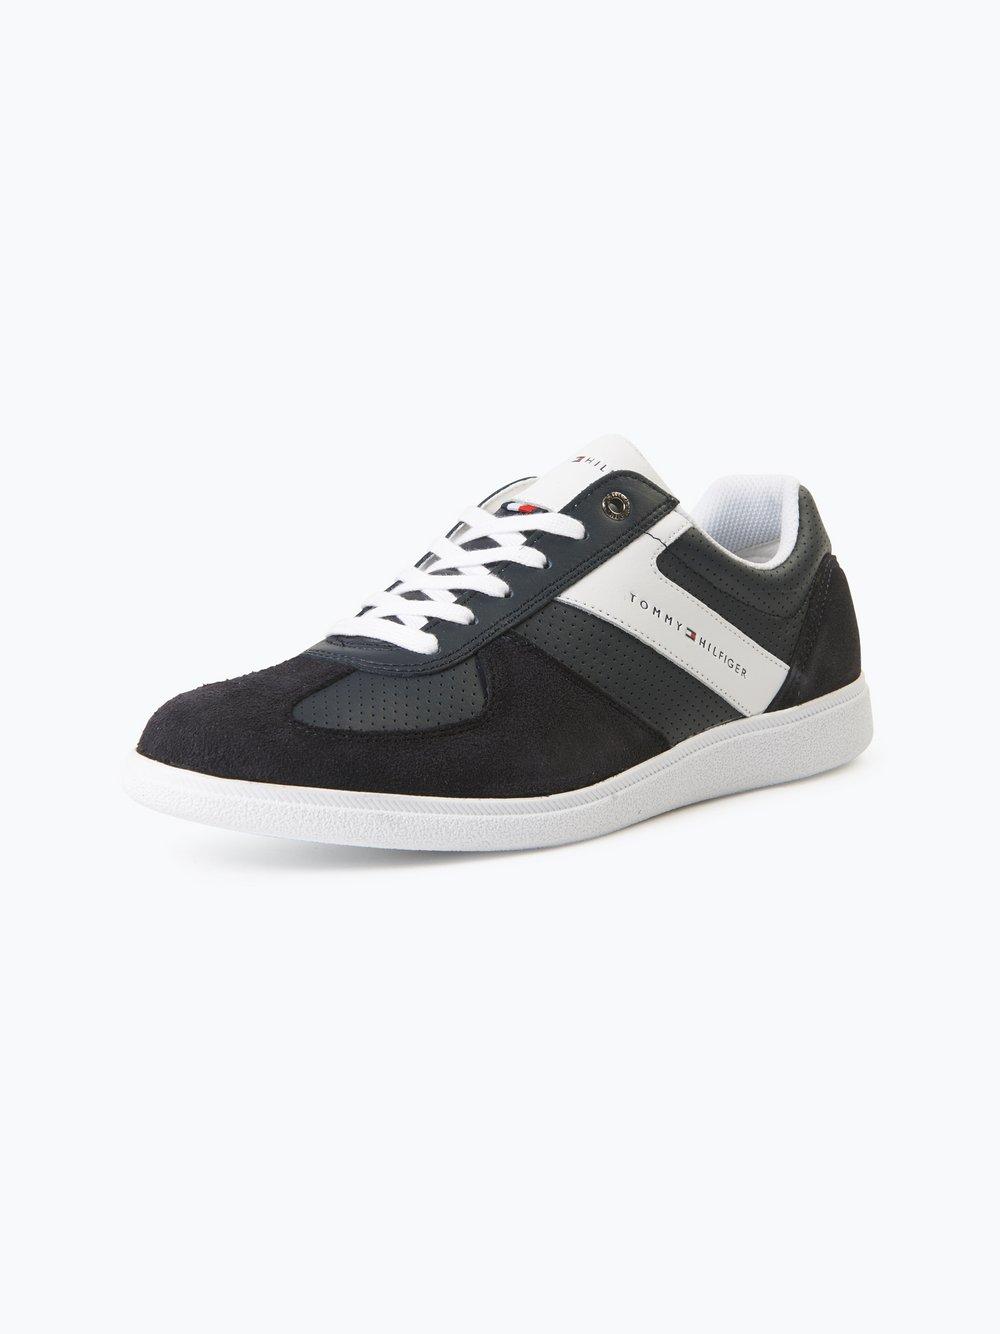 Tommy Hilfiger Herren Sneaker aus Leder - Danny marine uni online ... 9ea297723c